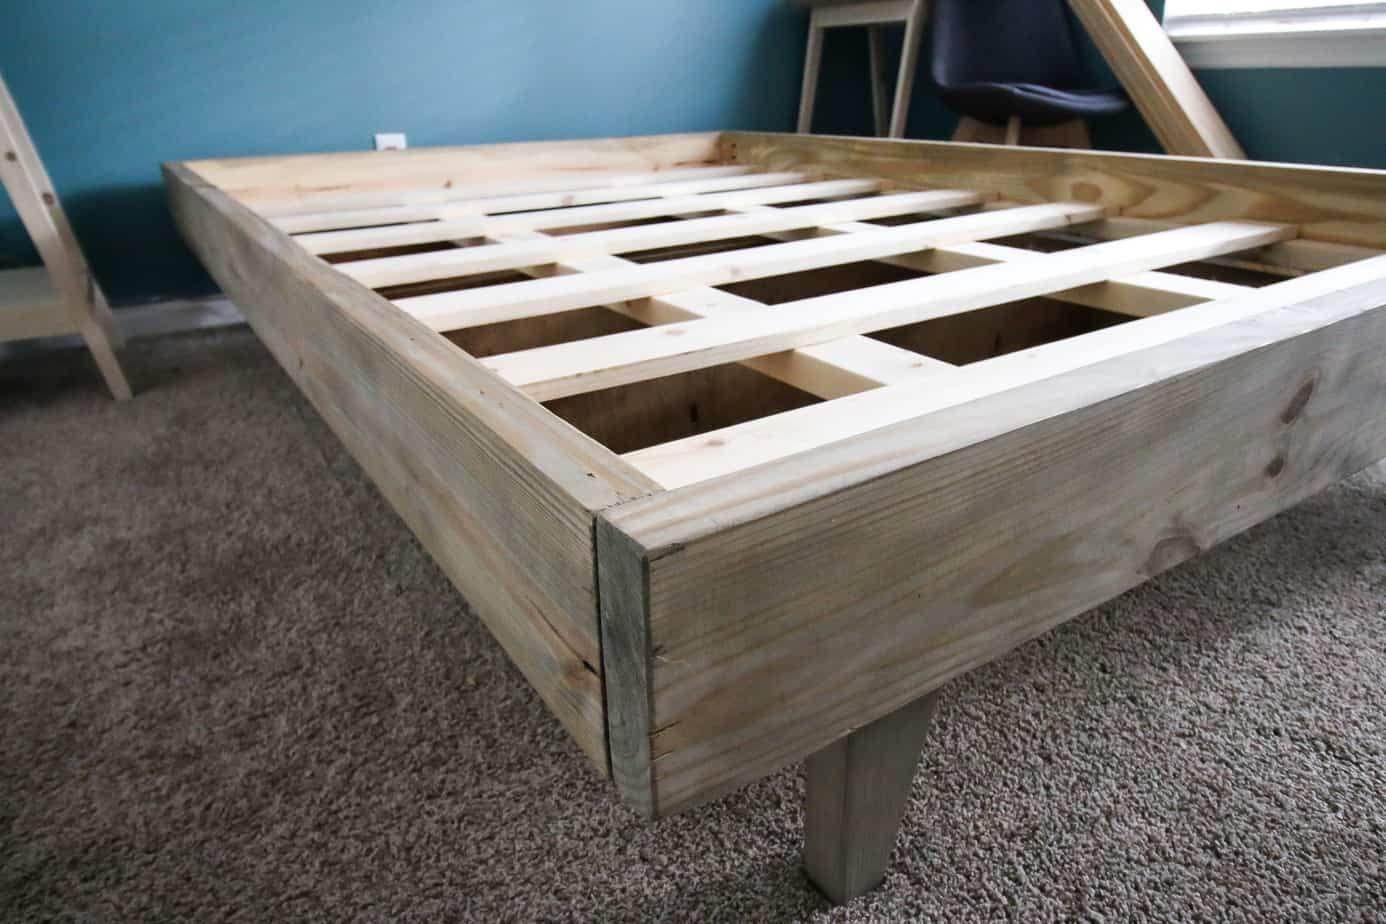 How To Build A Platform Bed For 50 Diy Platform Bed Frame Build A Platform Bed Diy Platform Bed